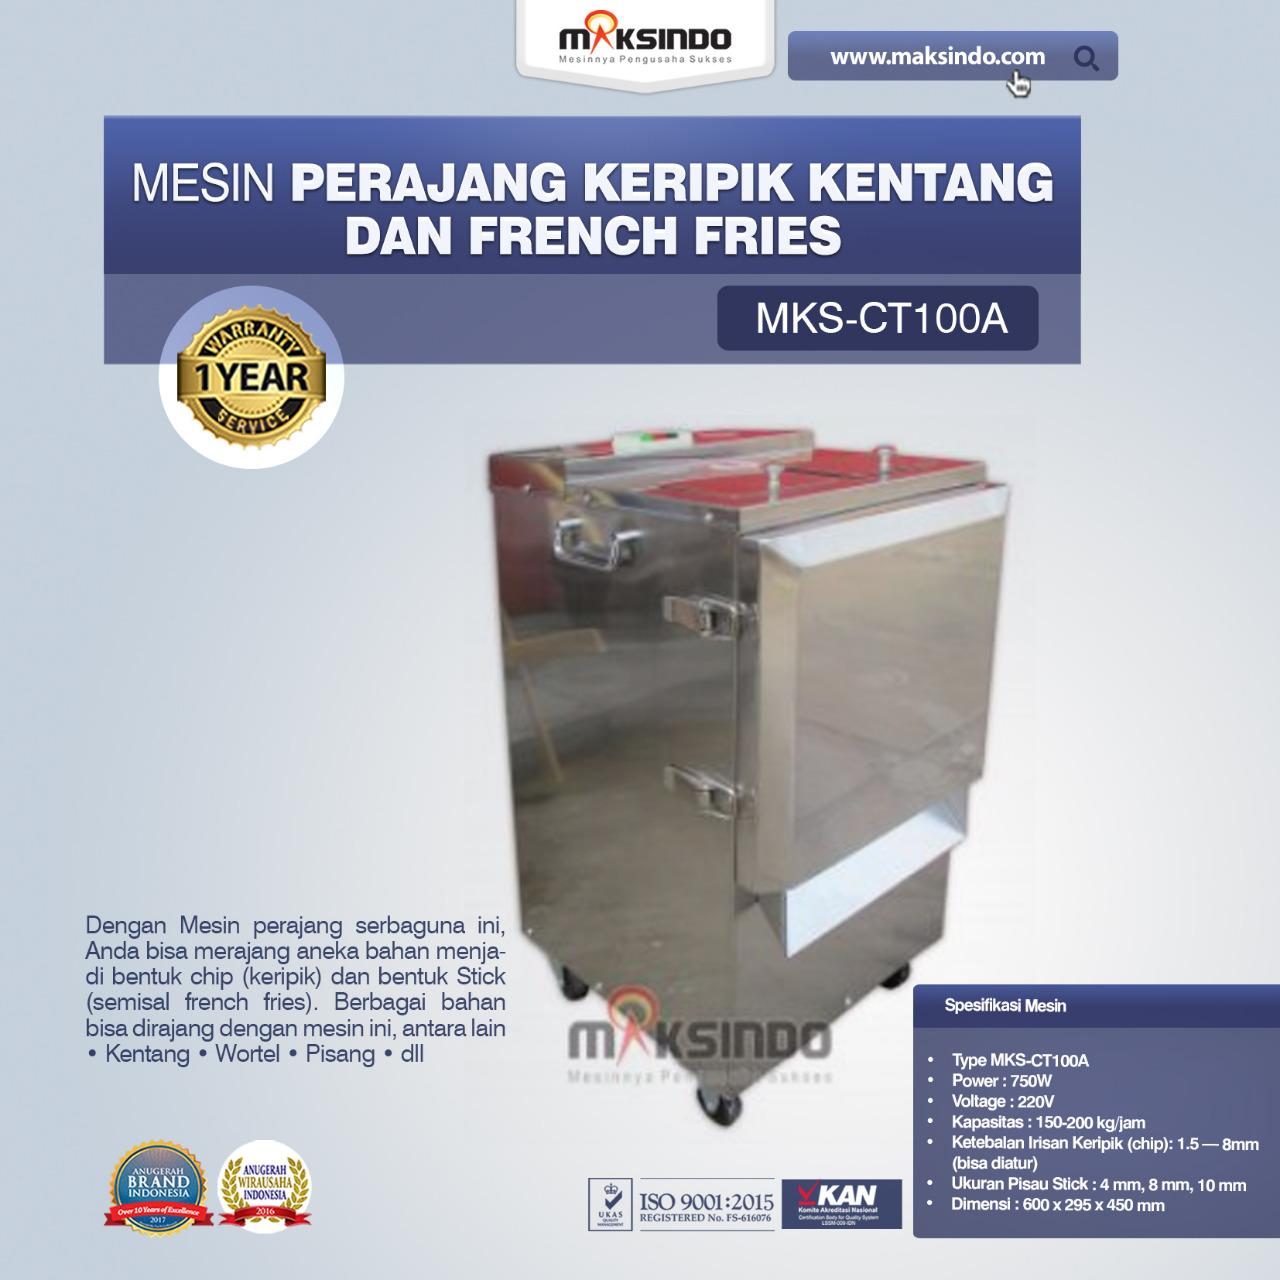 Jual Mesin Perajang Keripik Kentang dan French Fries – MKS-CT100A di Blitar